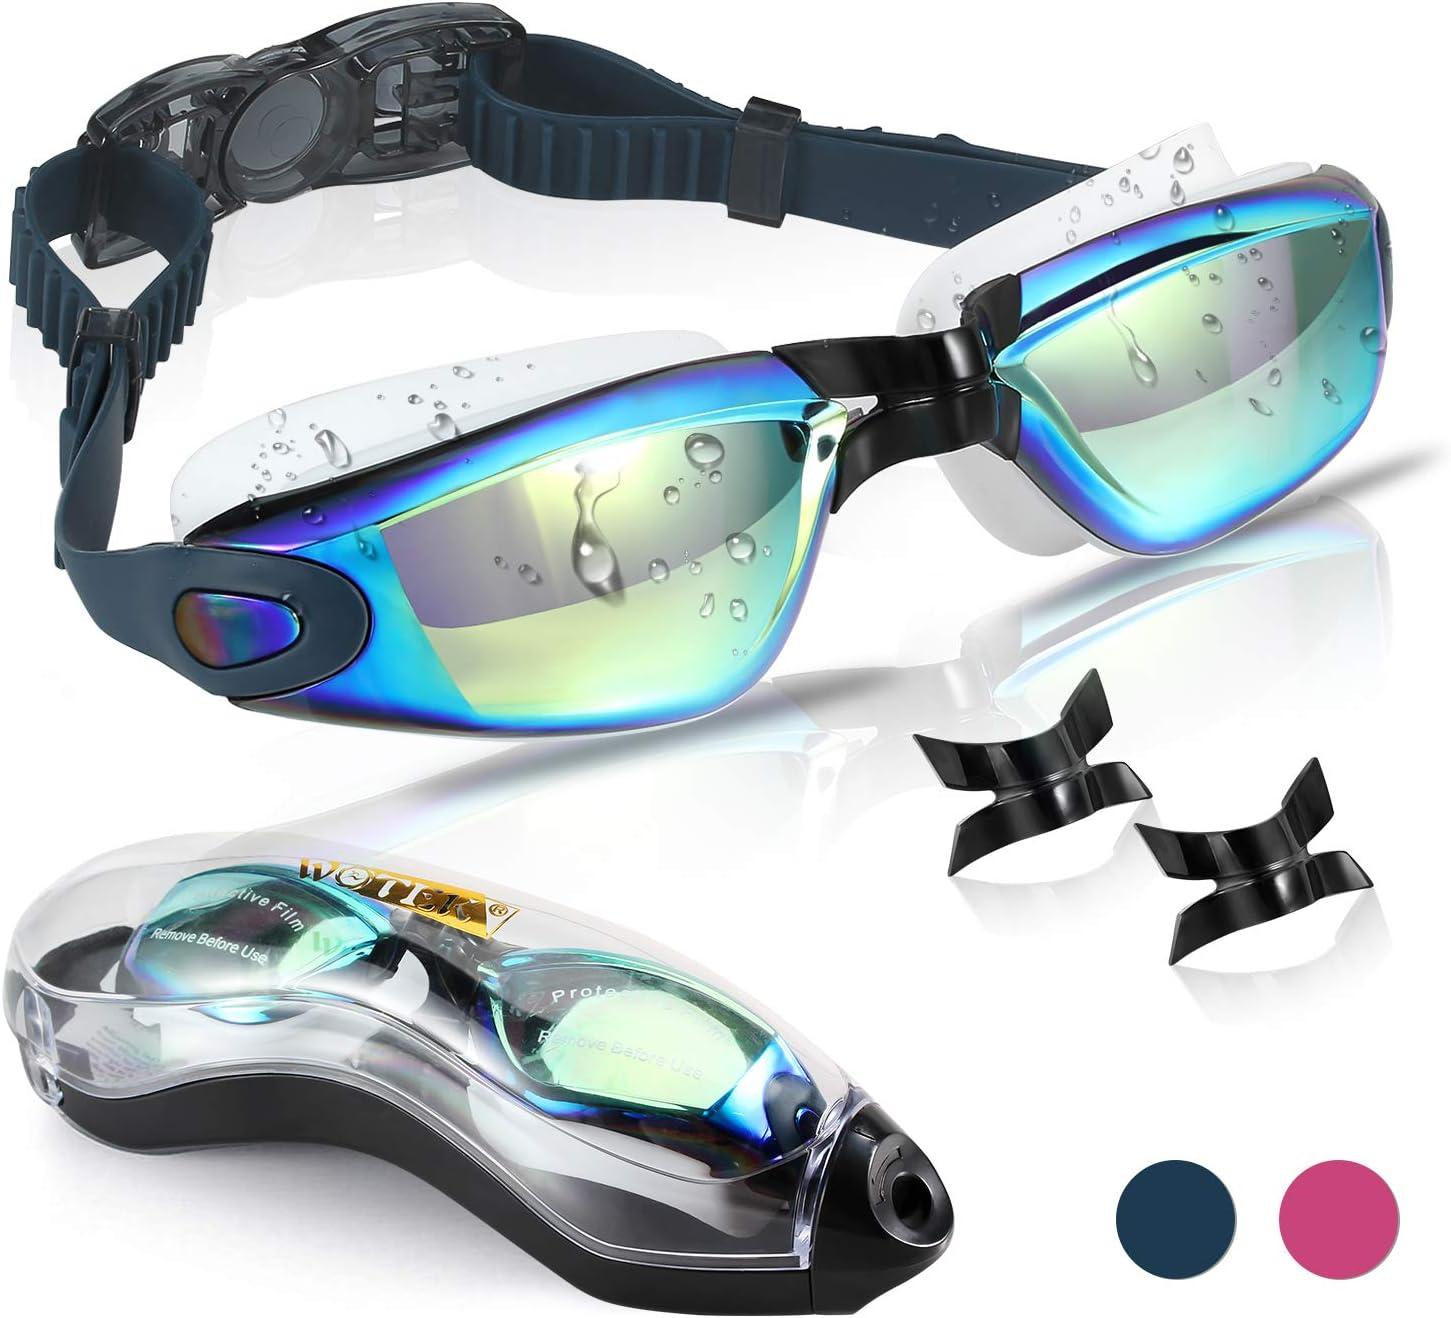 WOTEK Gafas de Natacion,Anti-vaho HD y Anti-UV Sin Fugas Gafas Natacion,Set con Puente Nasal Desmontable,Gafas Buceo de Protección para Mujeres, Apto para Todo Tipo de Deportes Acuáticos